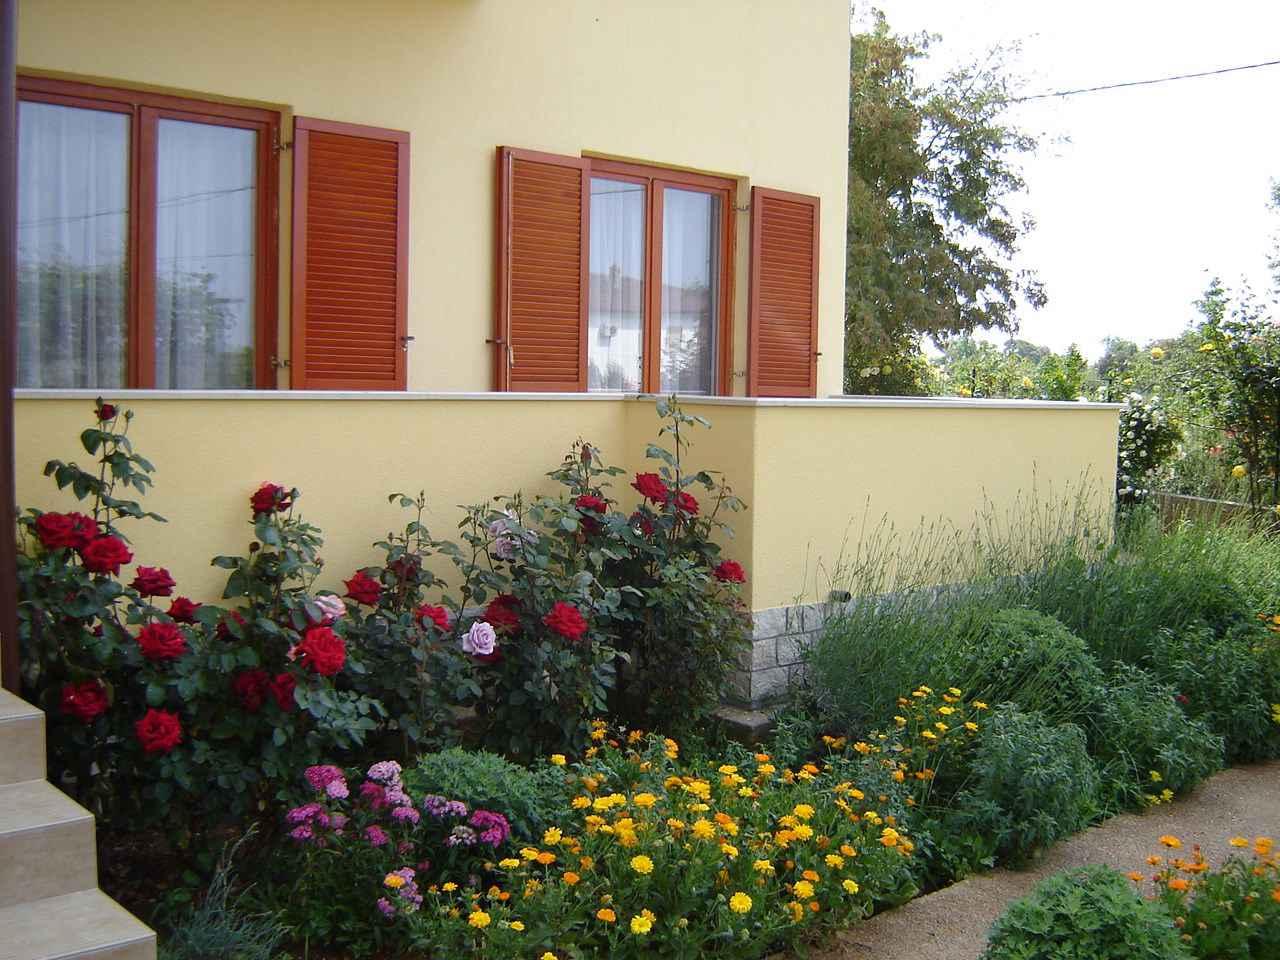 Ferienwohnung mit SAT-TV in ruhiger Lage (280672), Pula, , Istrien, Kroatien, Bild 6